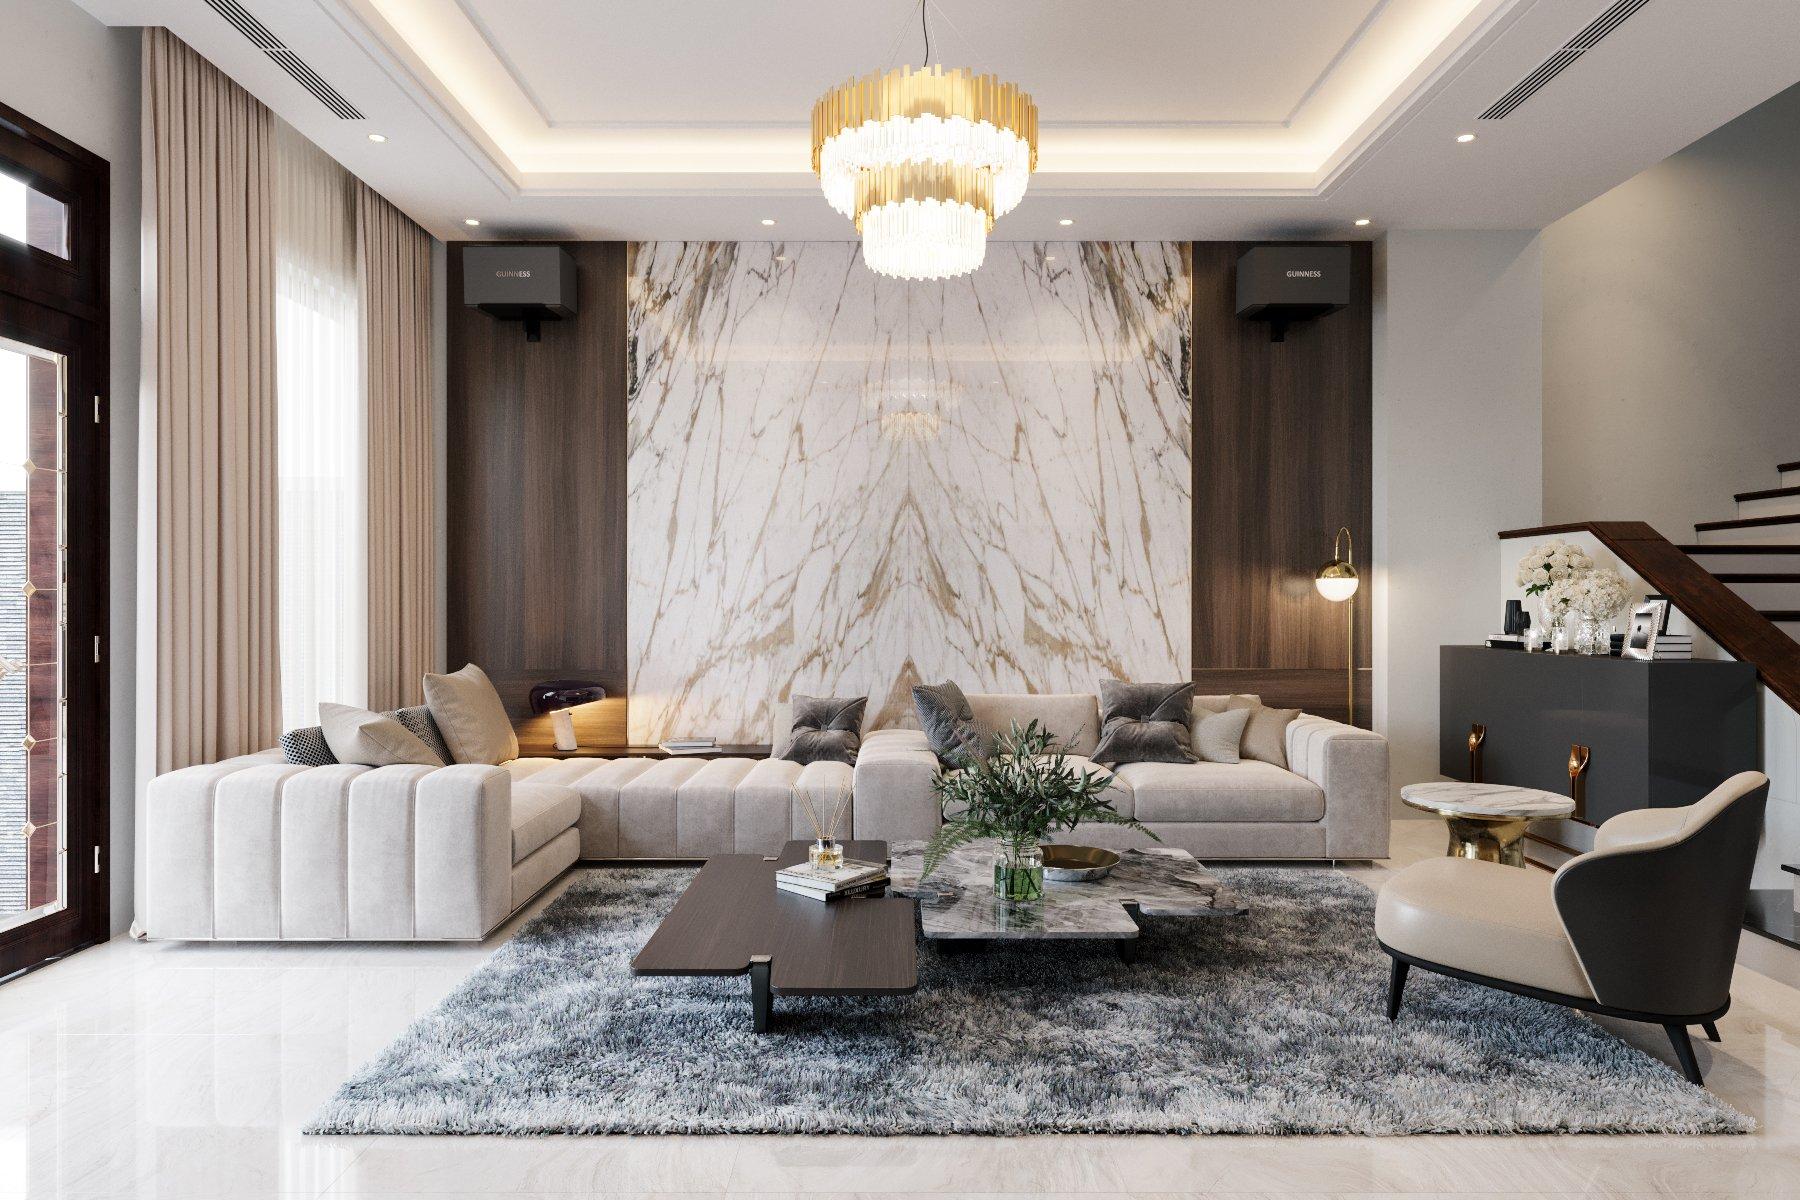 các phong cách thiết kế nội thất chung cư